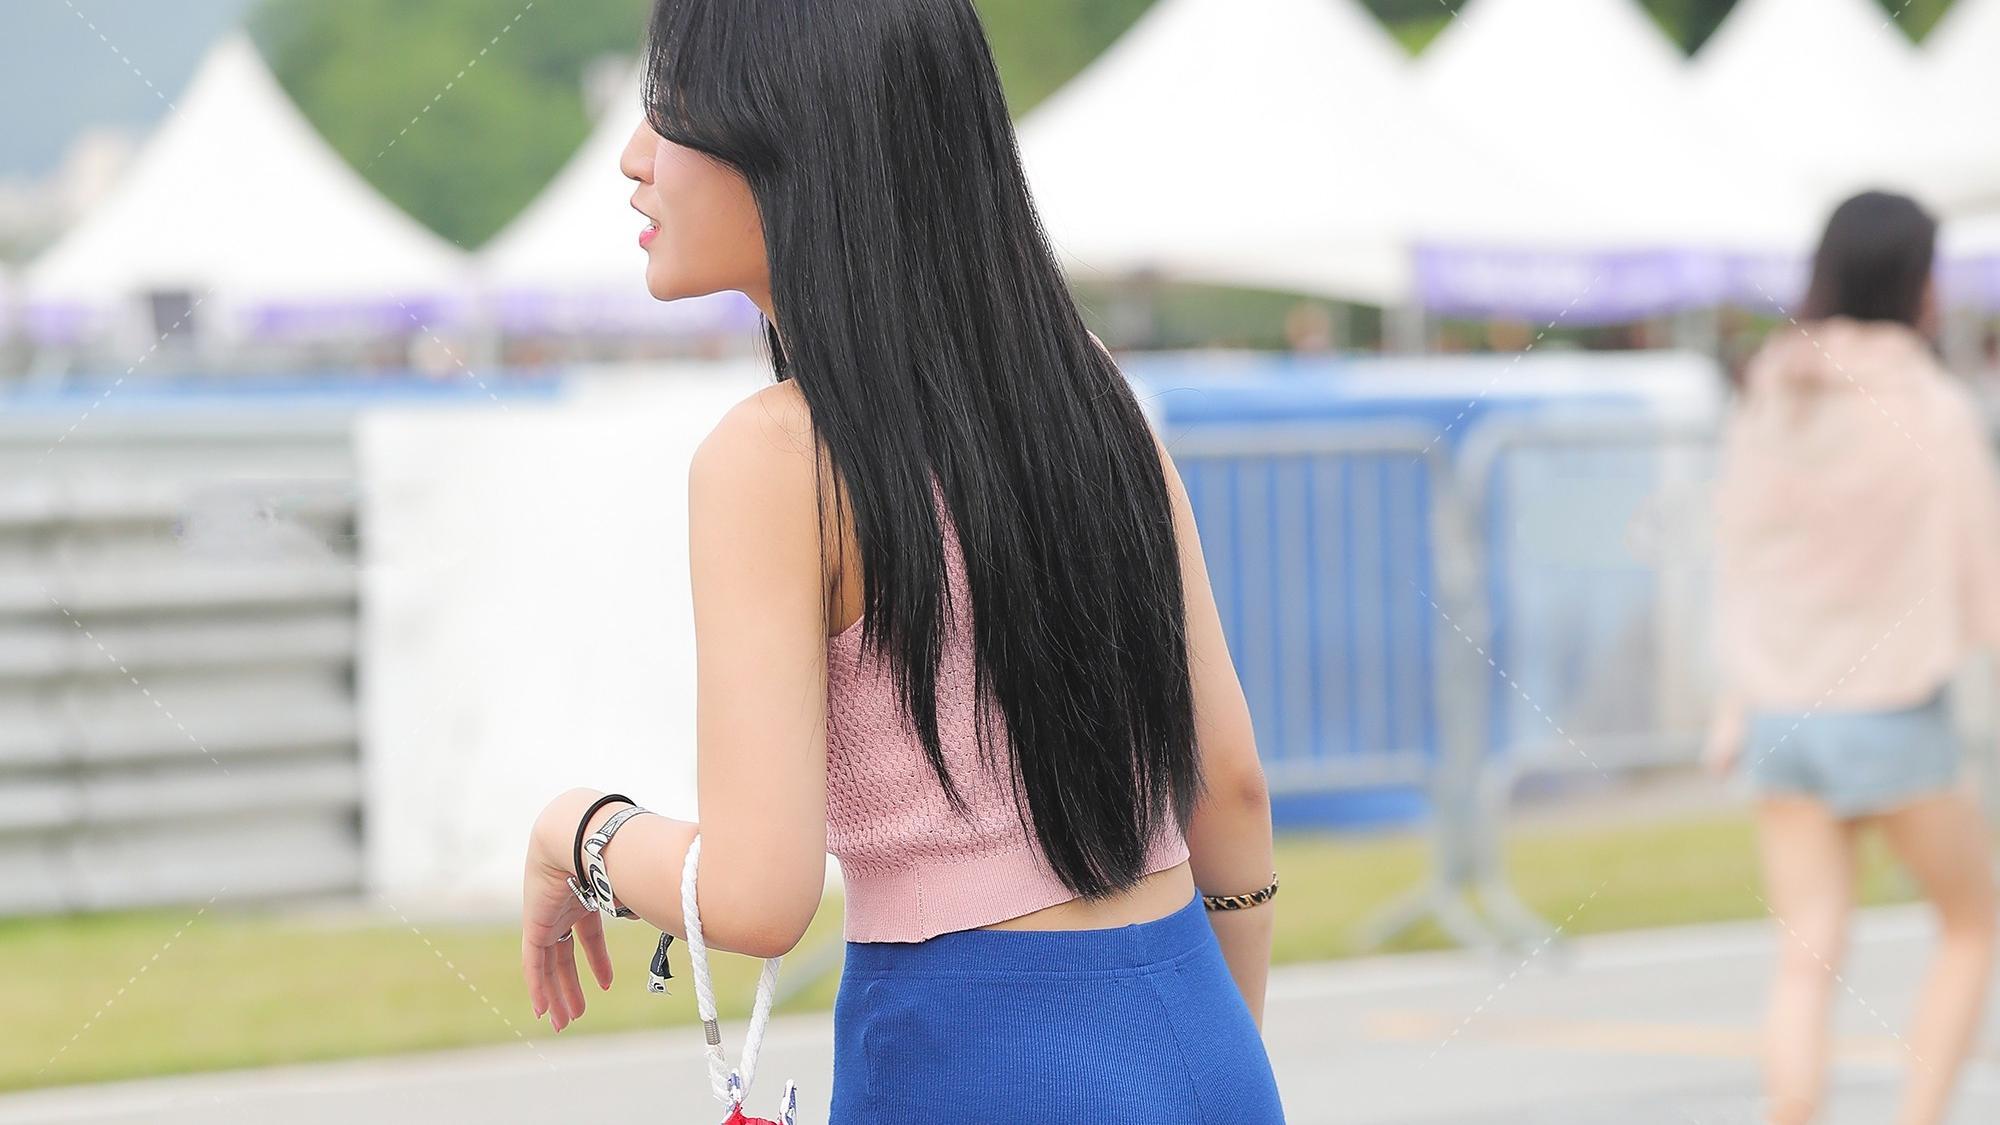 粉色和蓝色搭配,青春靓丽,展现时髦气息